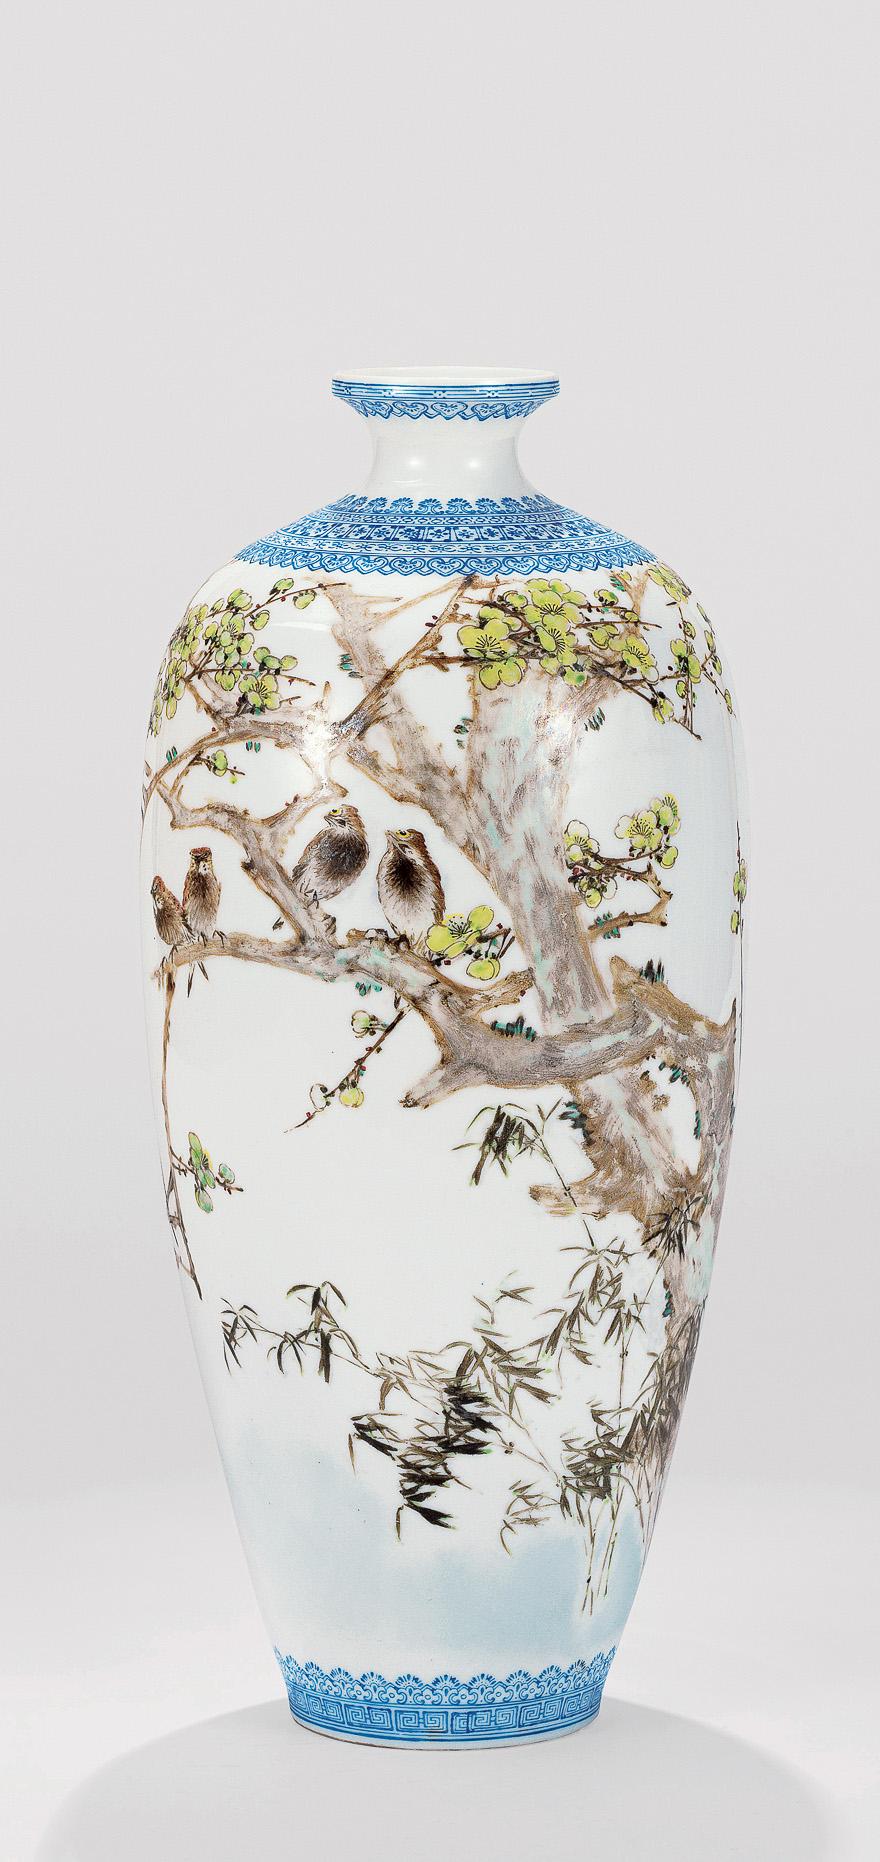 粉彩「暗香疏影月黄昏」瓷瓶